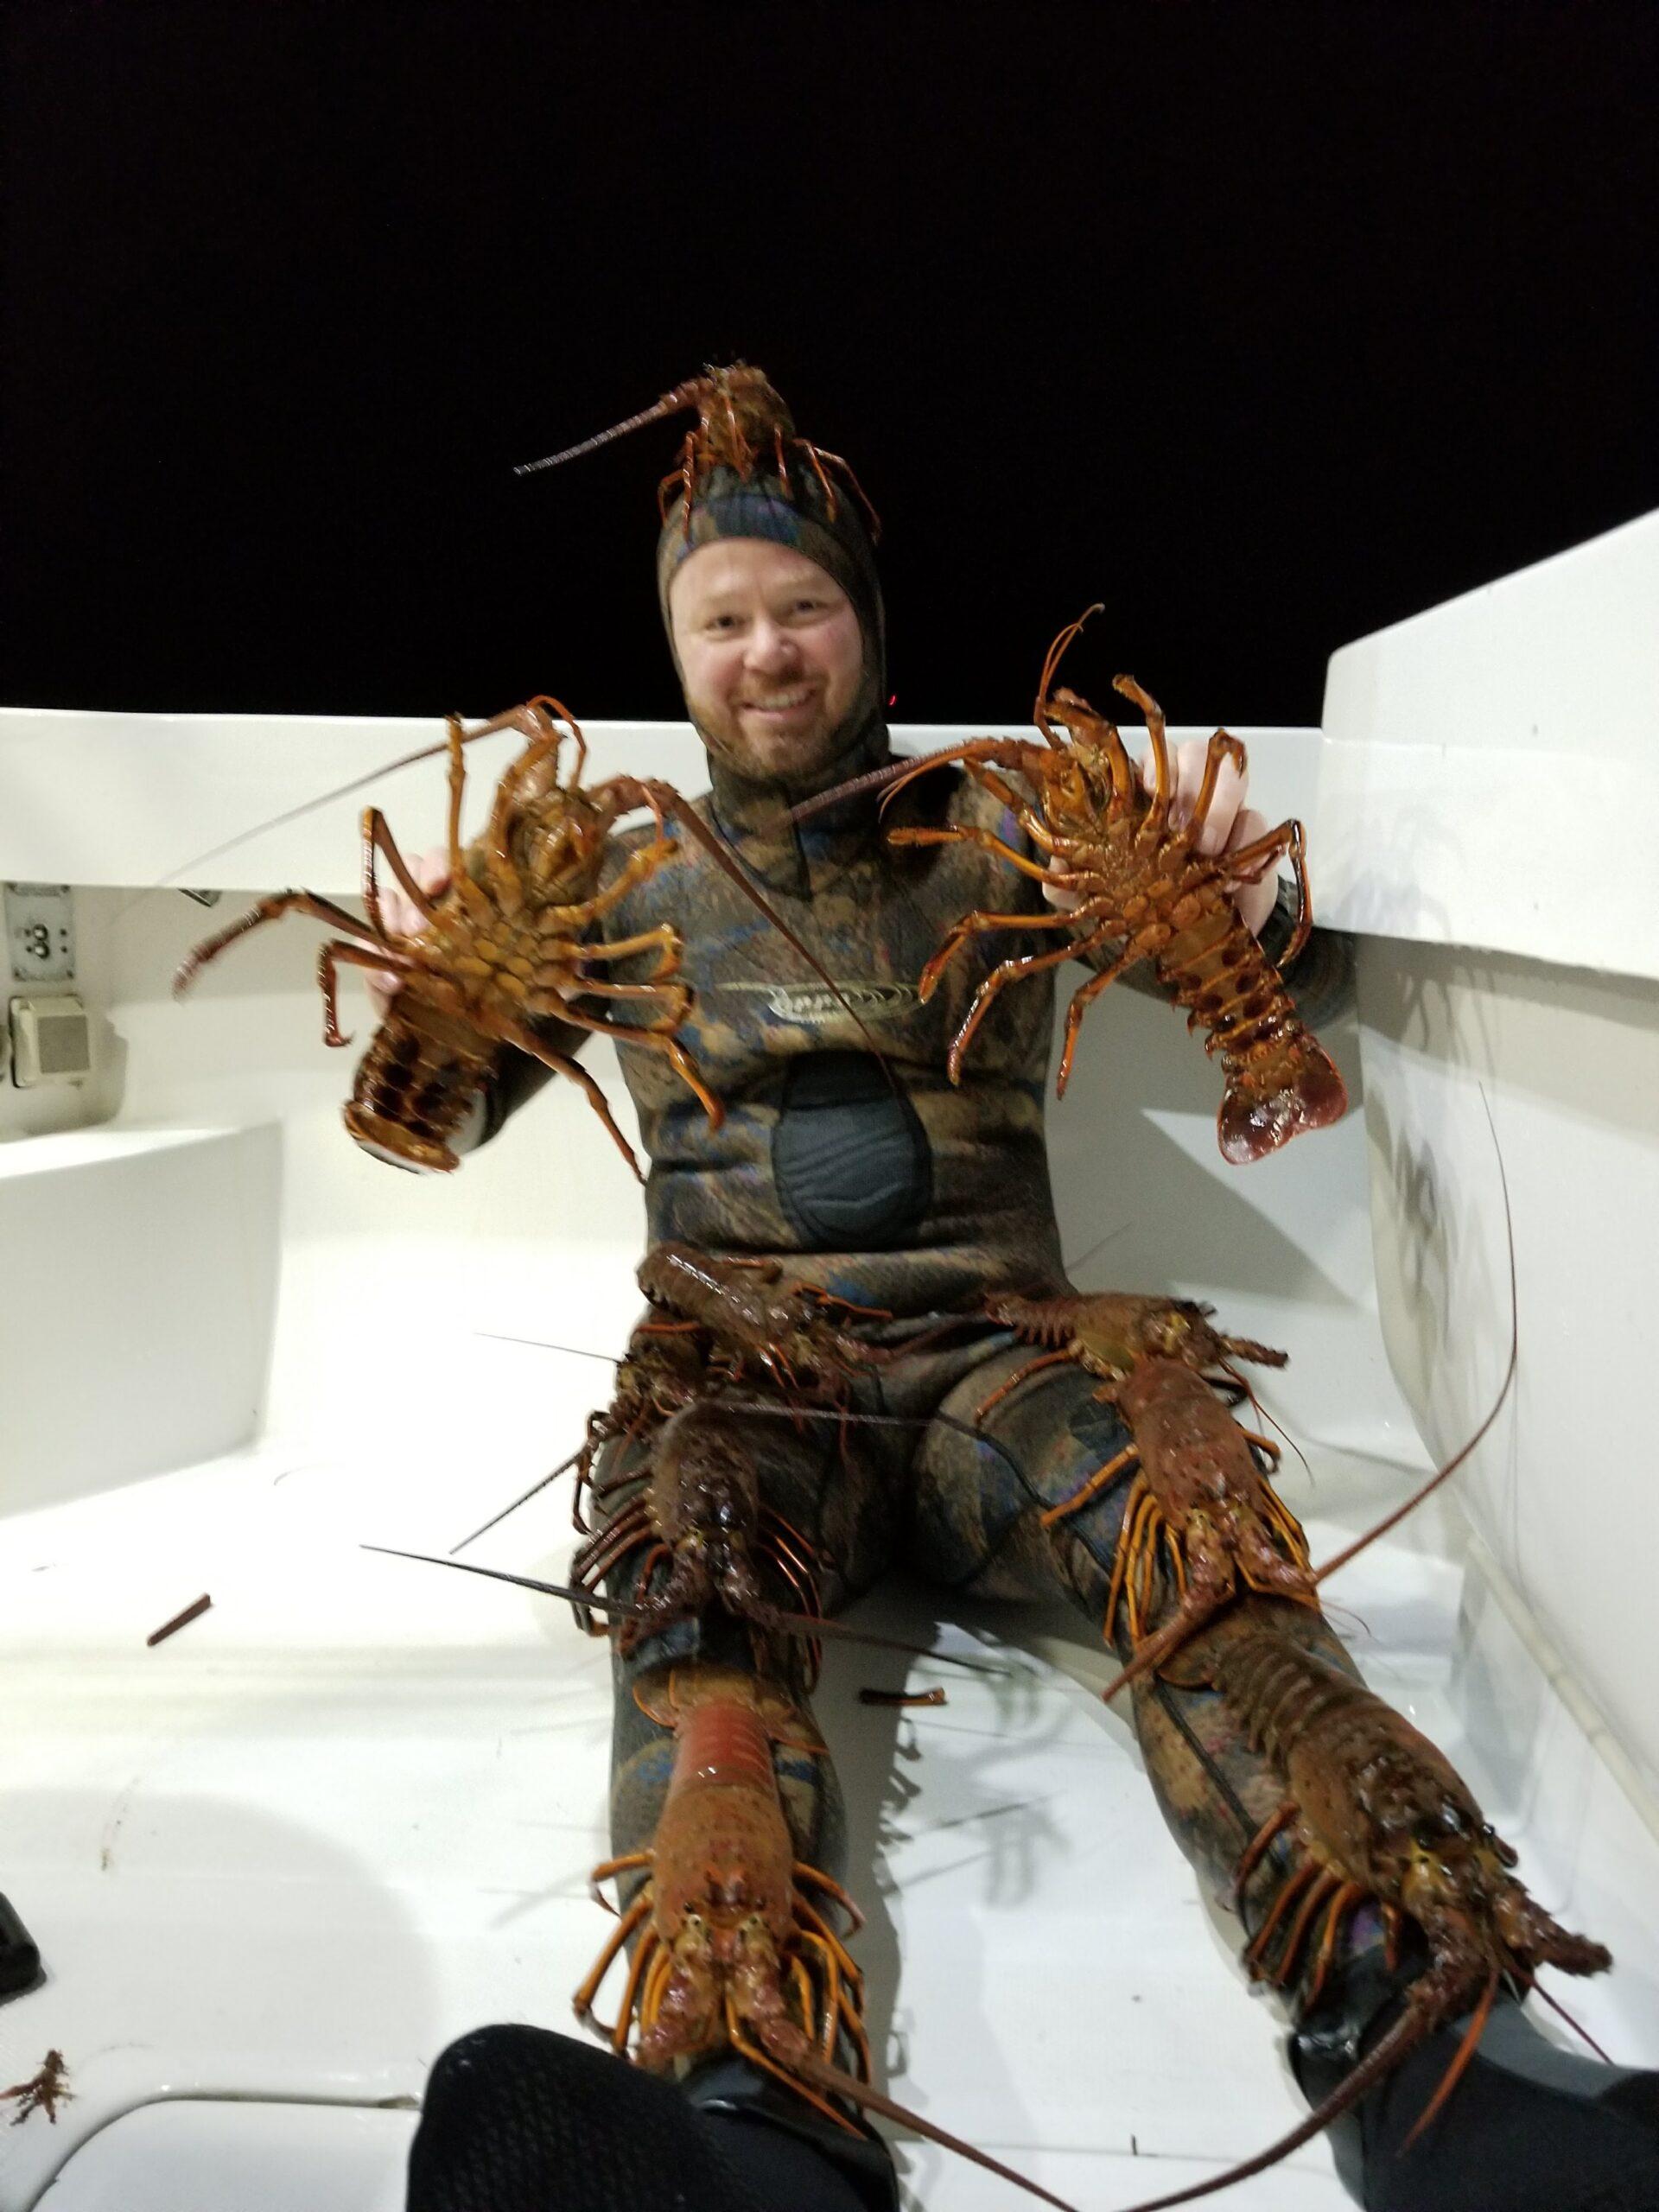 Lobster diver holding lobsters